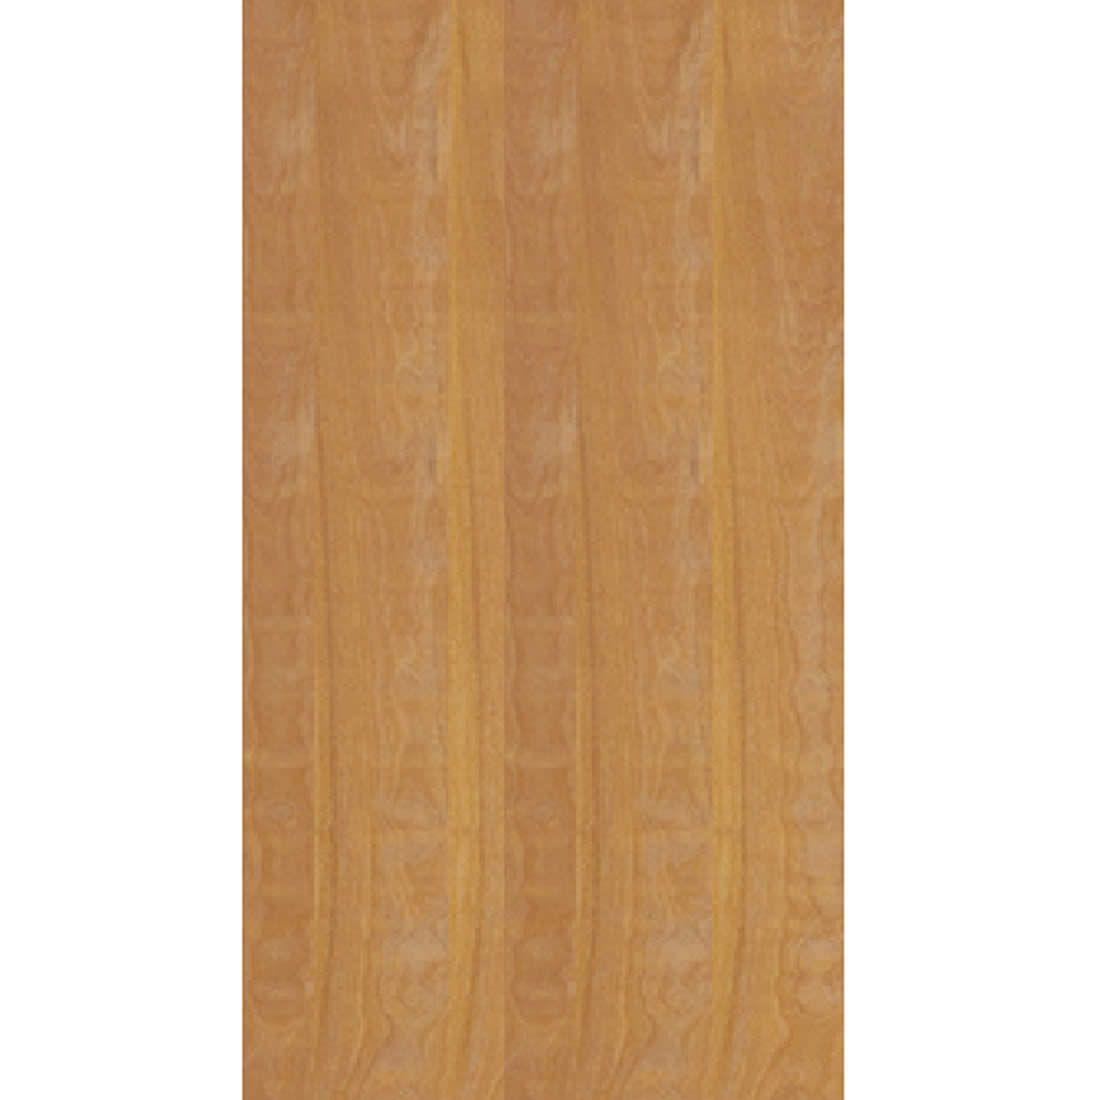 Porta 2,10 x 1.10m em Madeira Curupixa Semi Sólida Modelo Lisa Sem Frisa JB Paes